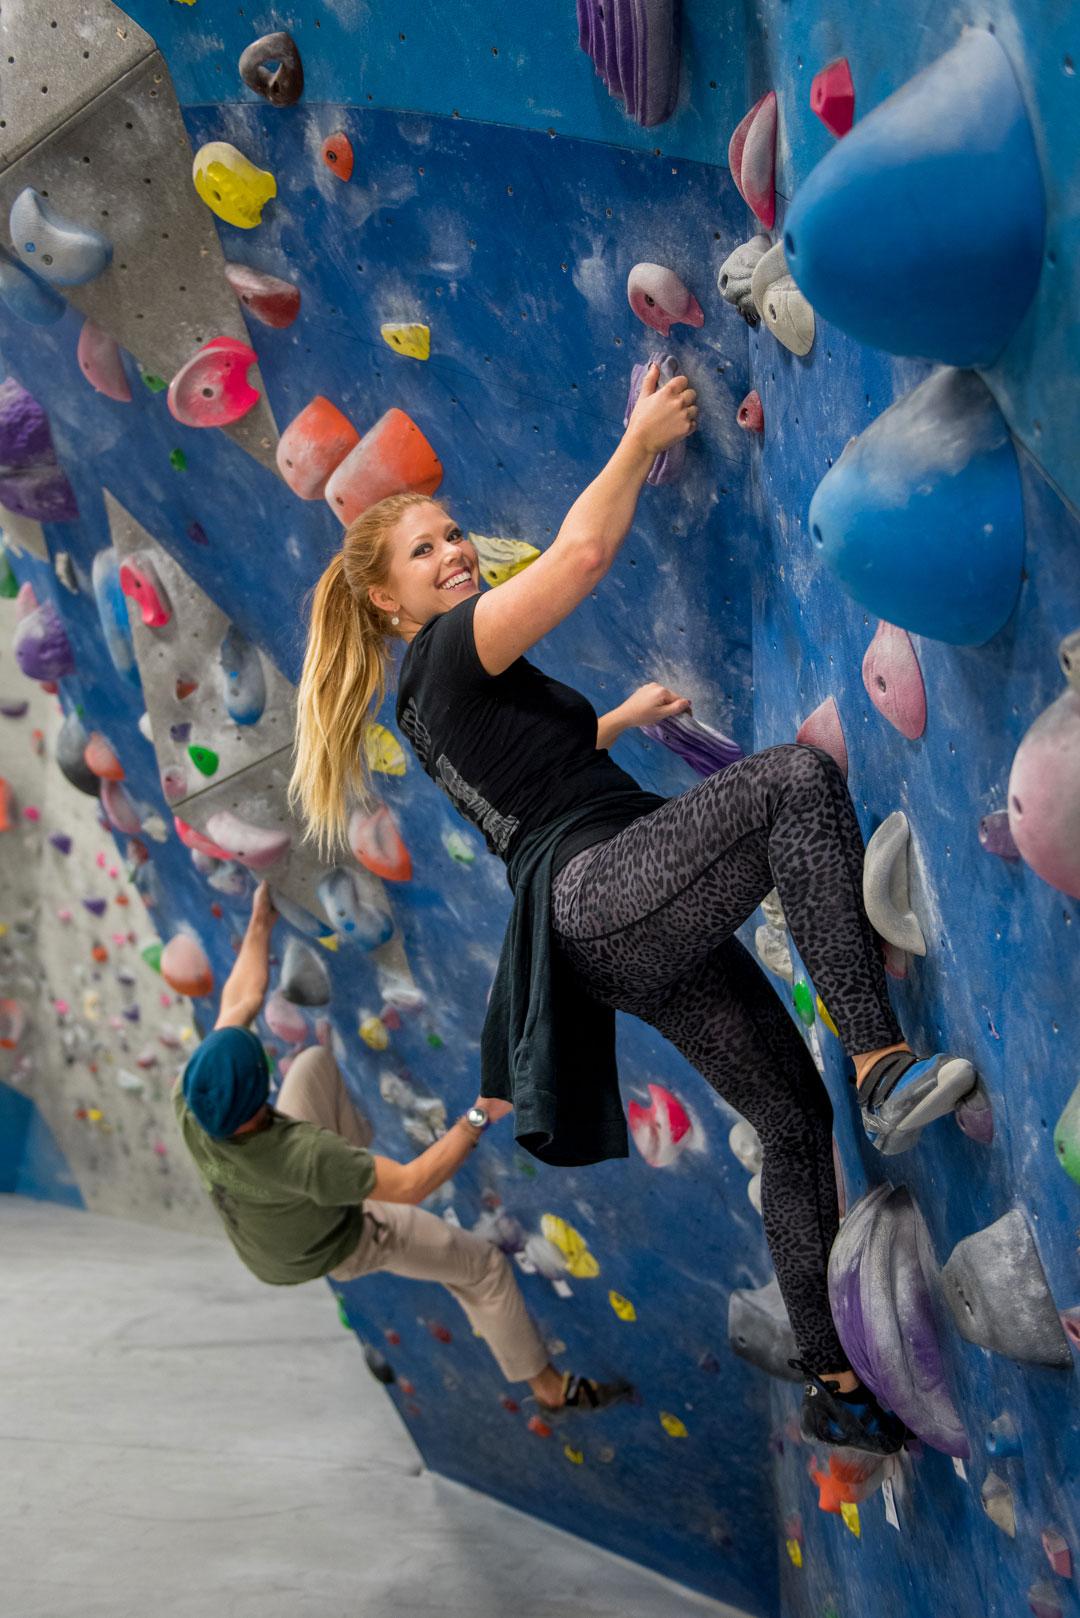 Rachel Momentum Climbing Gym